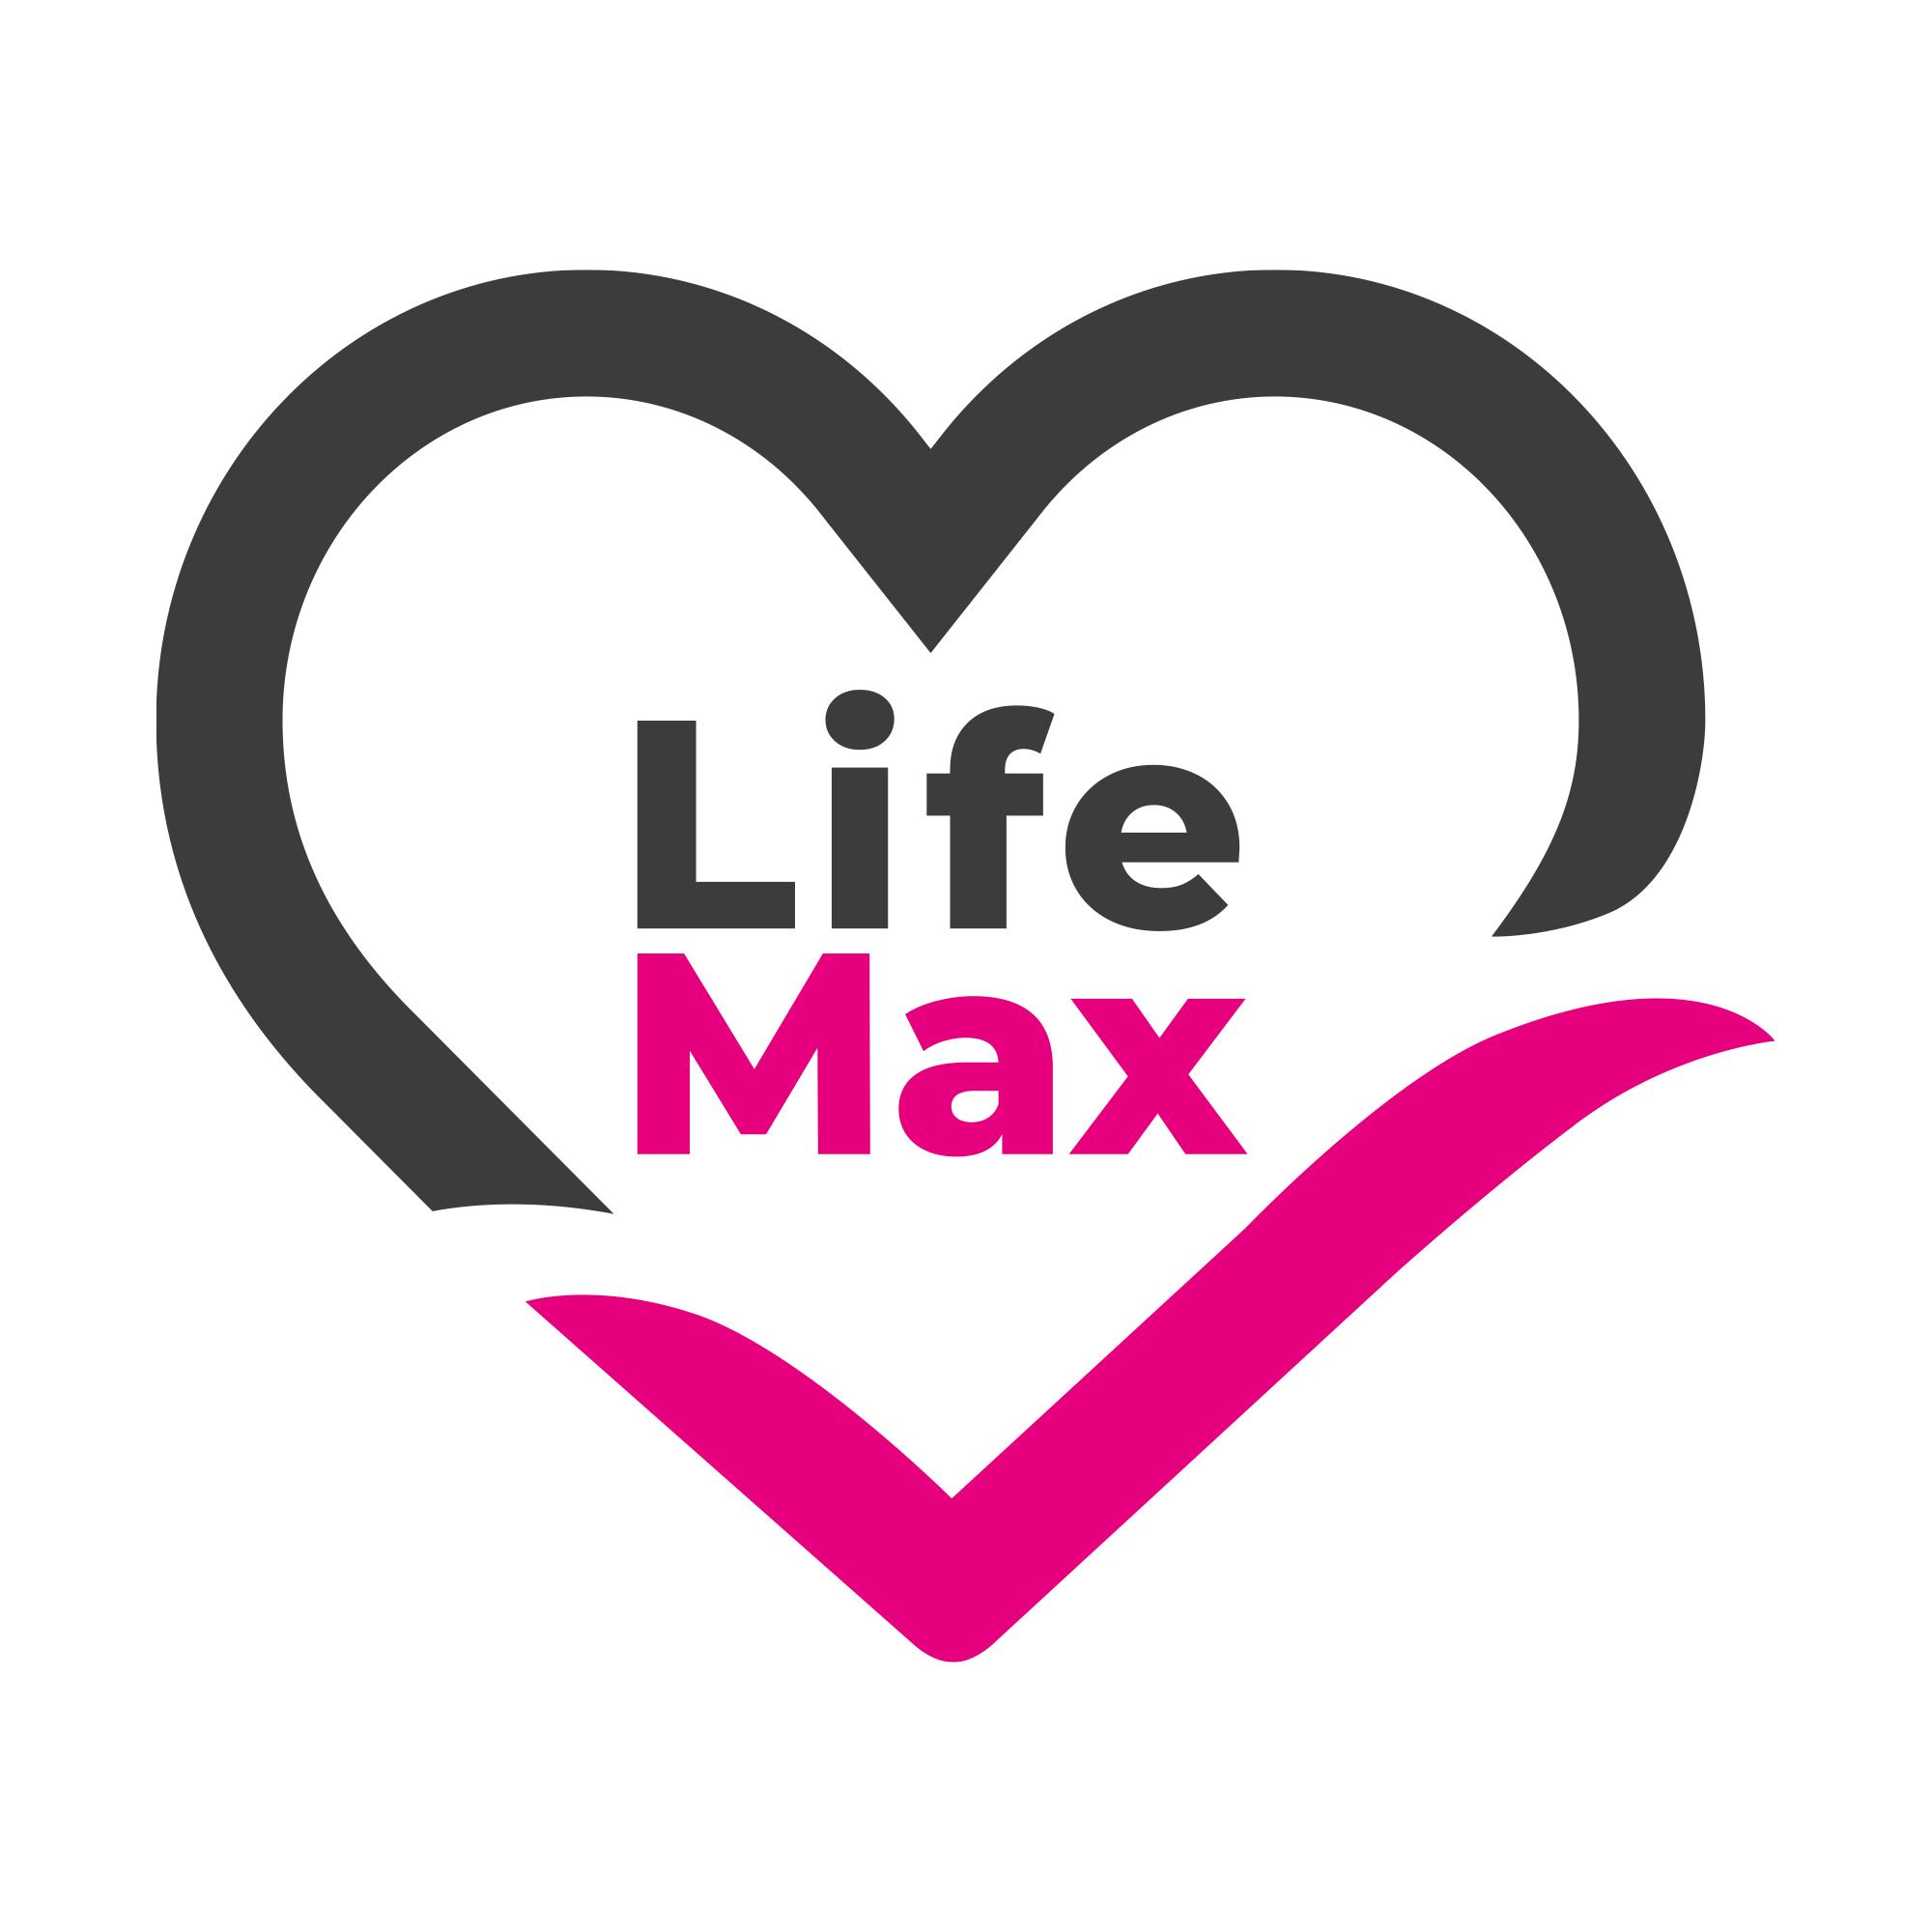 Life Max Egyesület